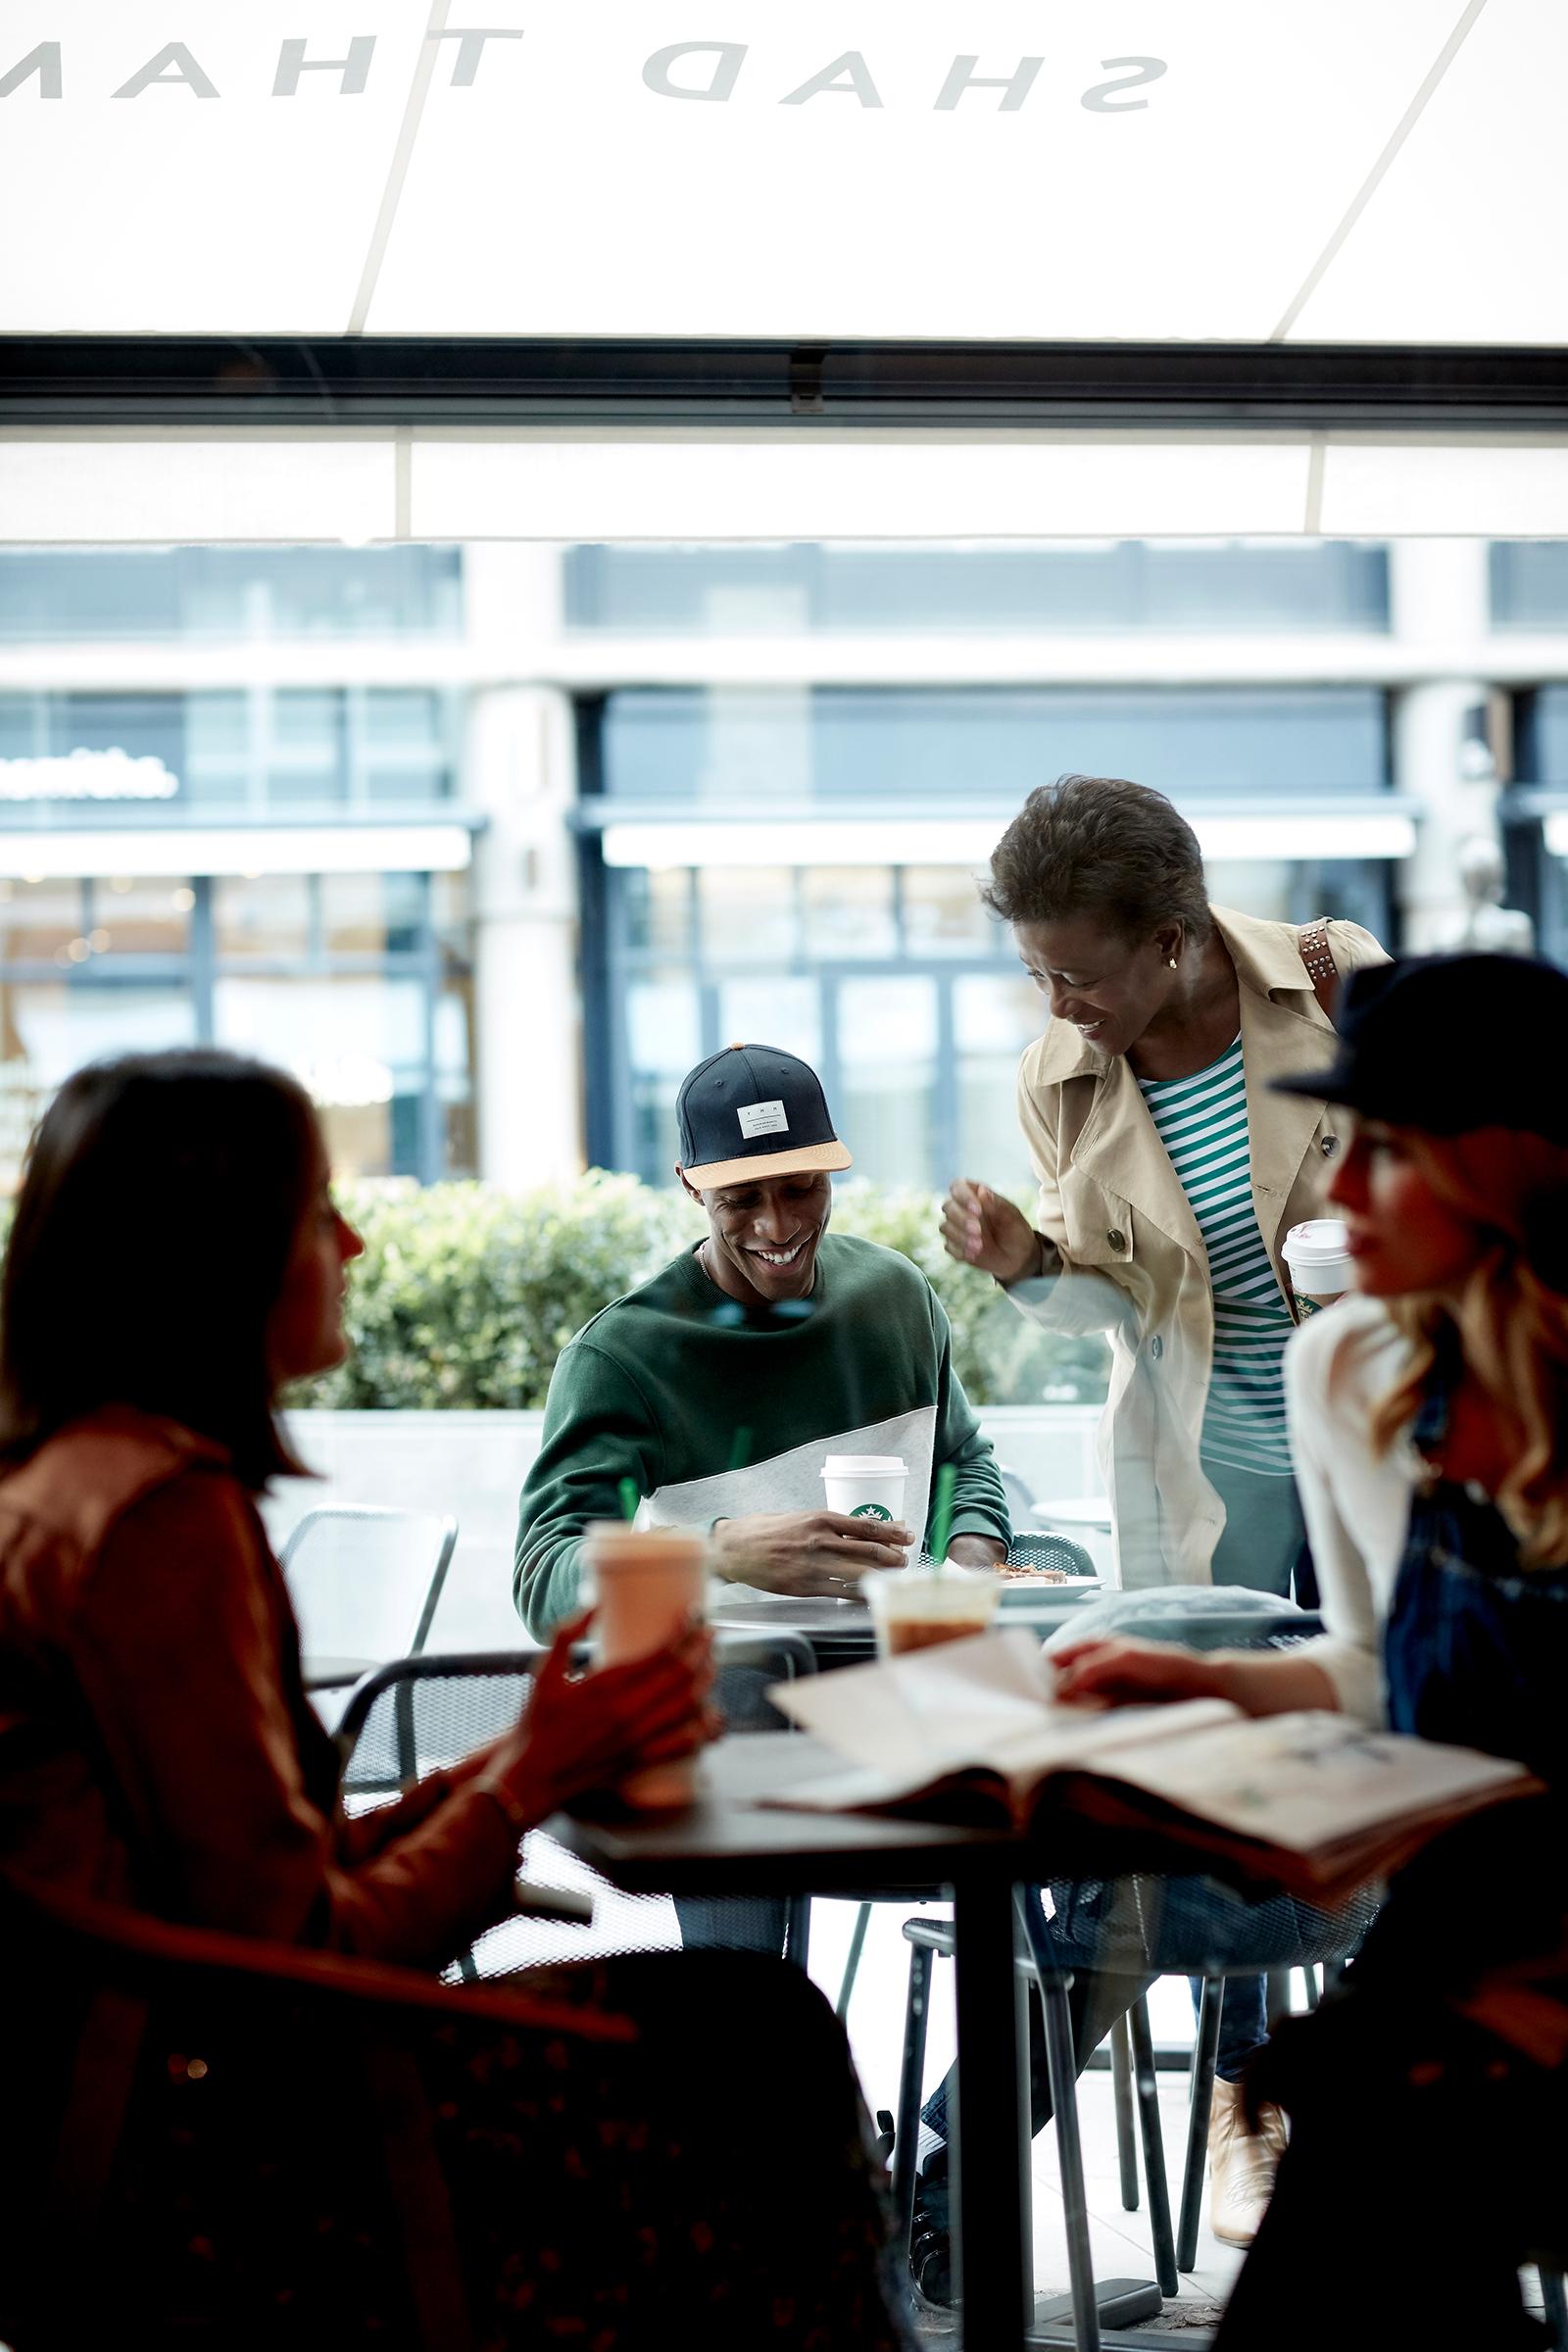 20-9-18-Starbucks11505.jpg